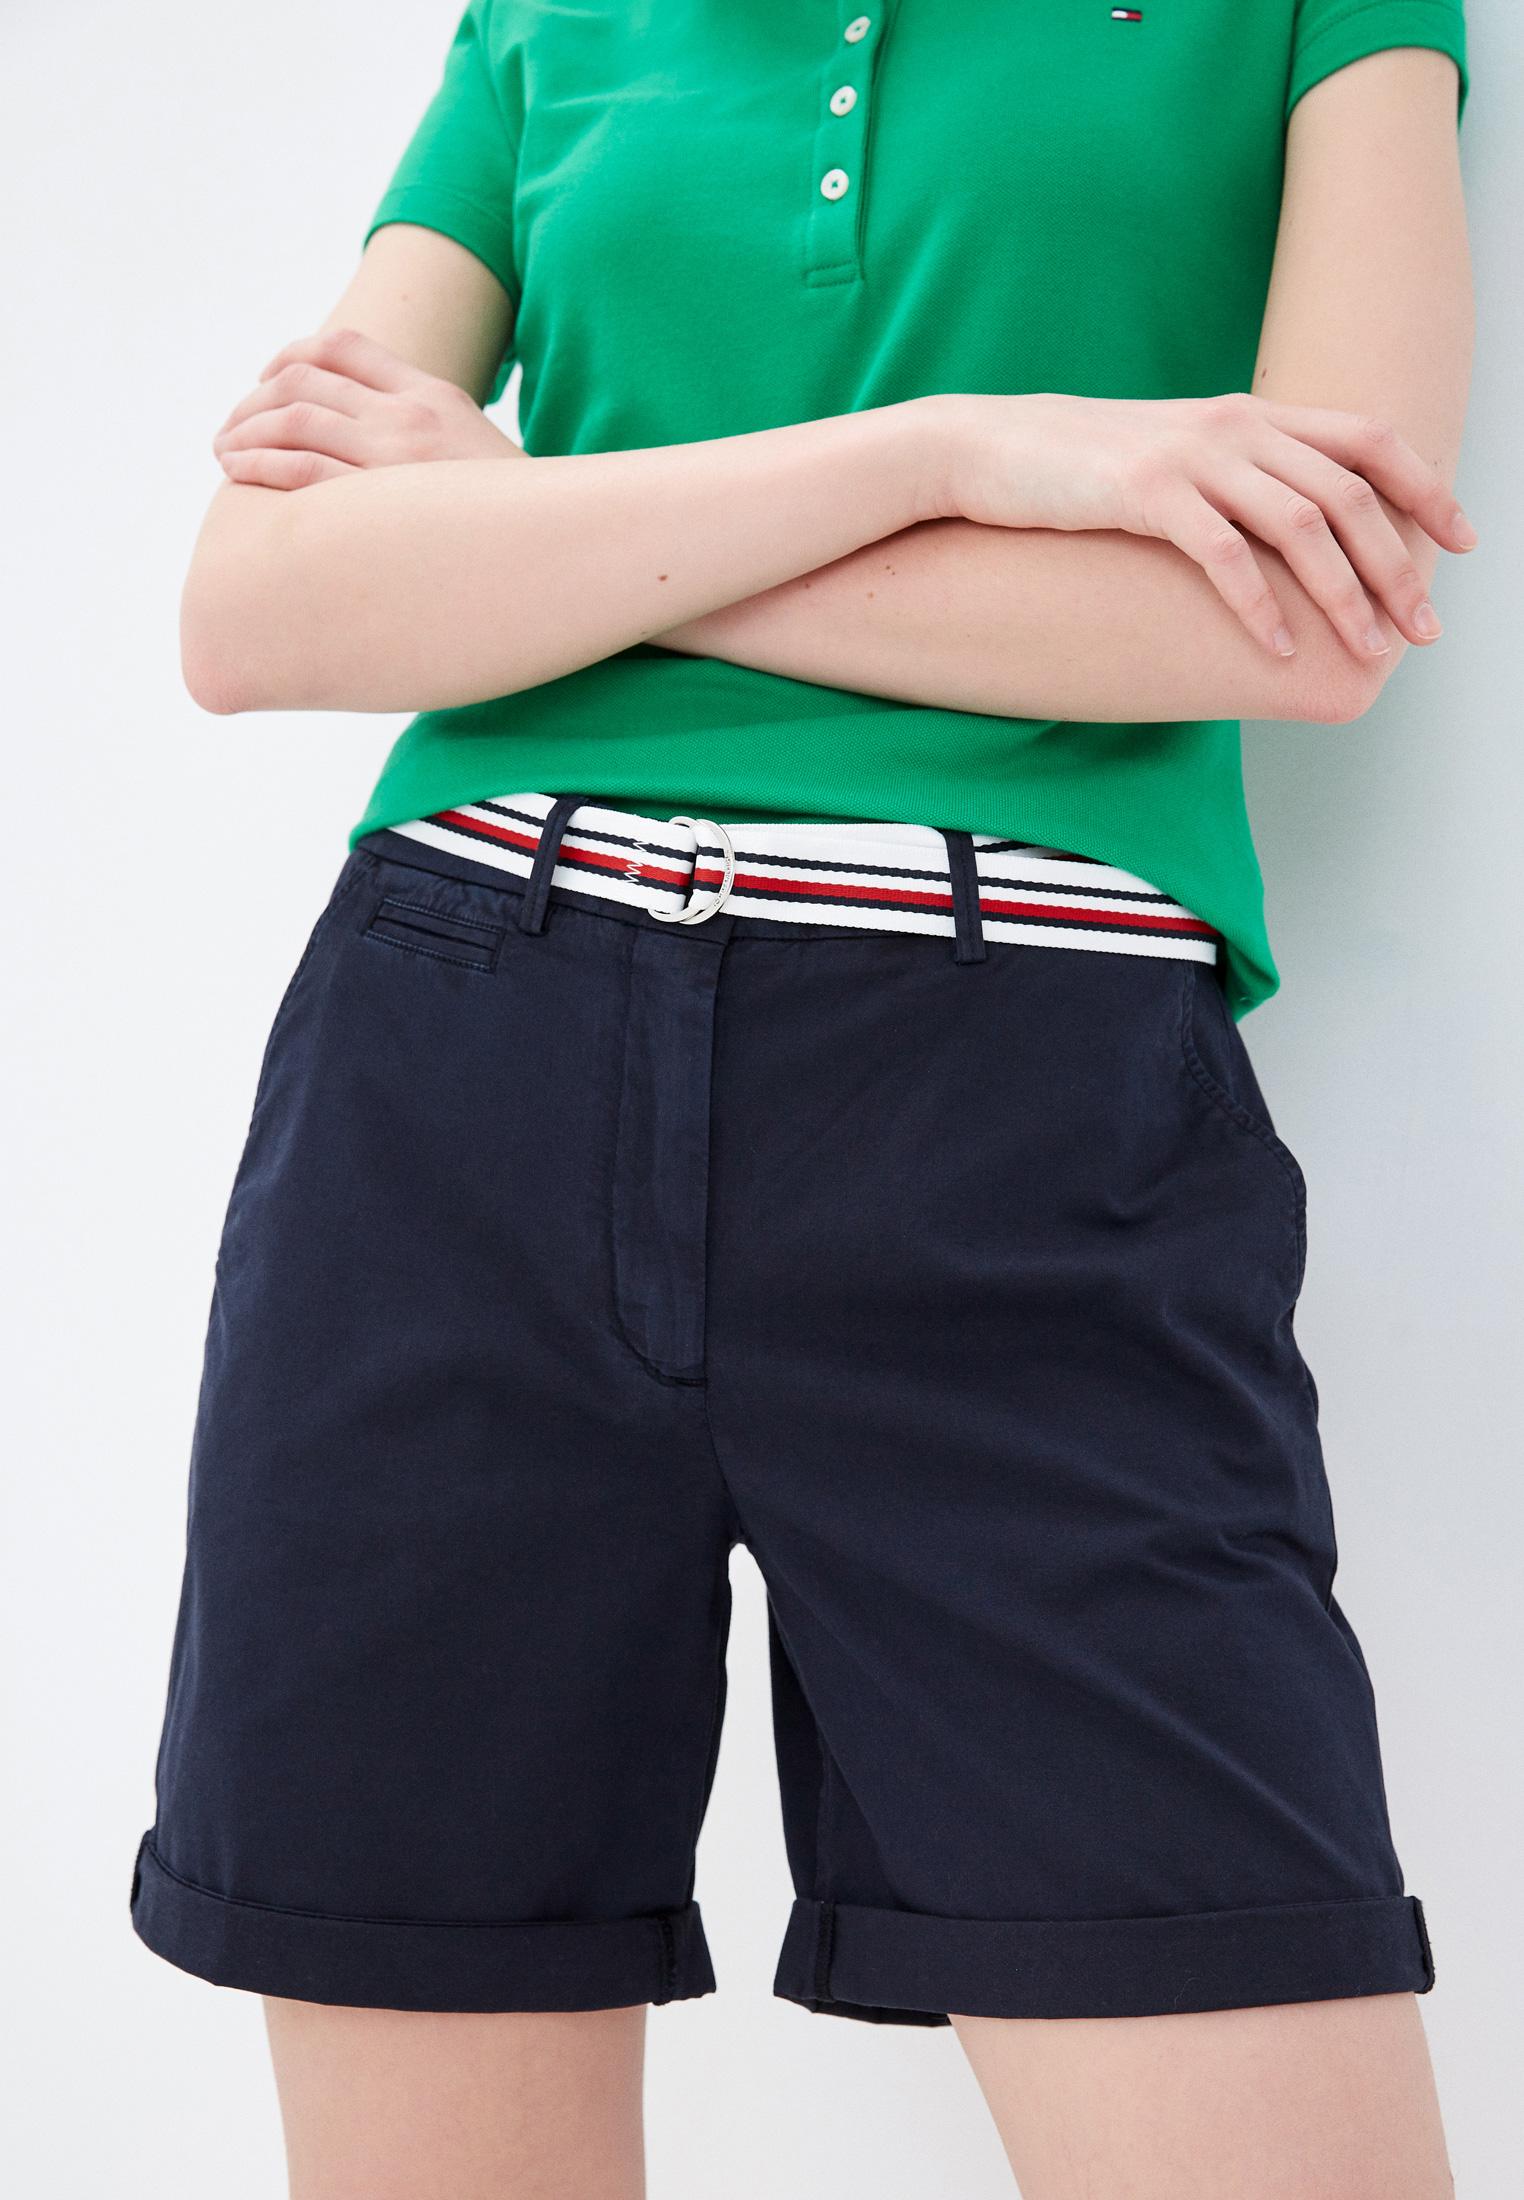 Женские повседневные шорты Tommy Hilfiger (Томми Хилфигер) Шорты Tommy Hilfiger